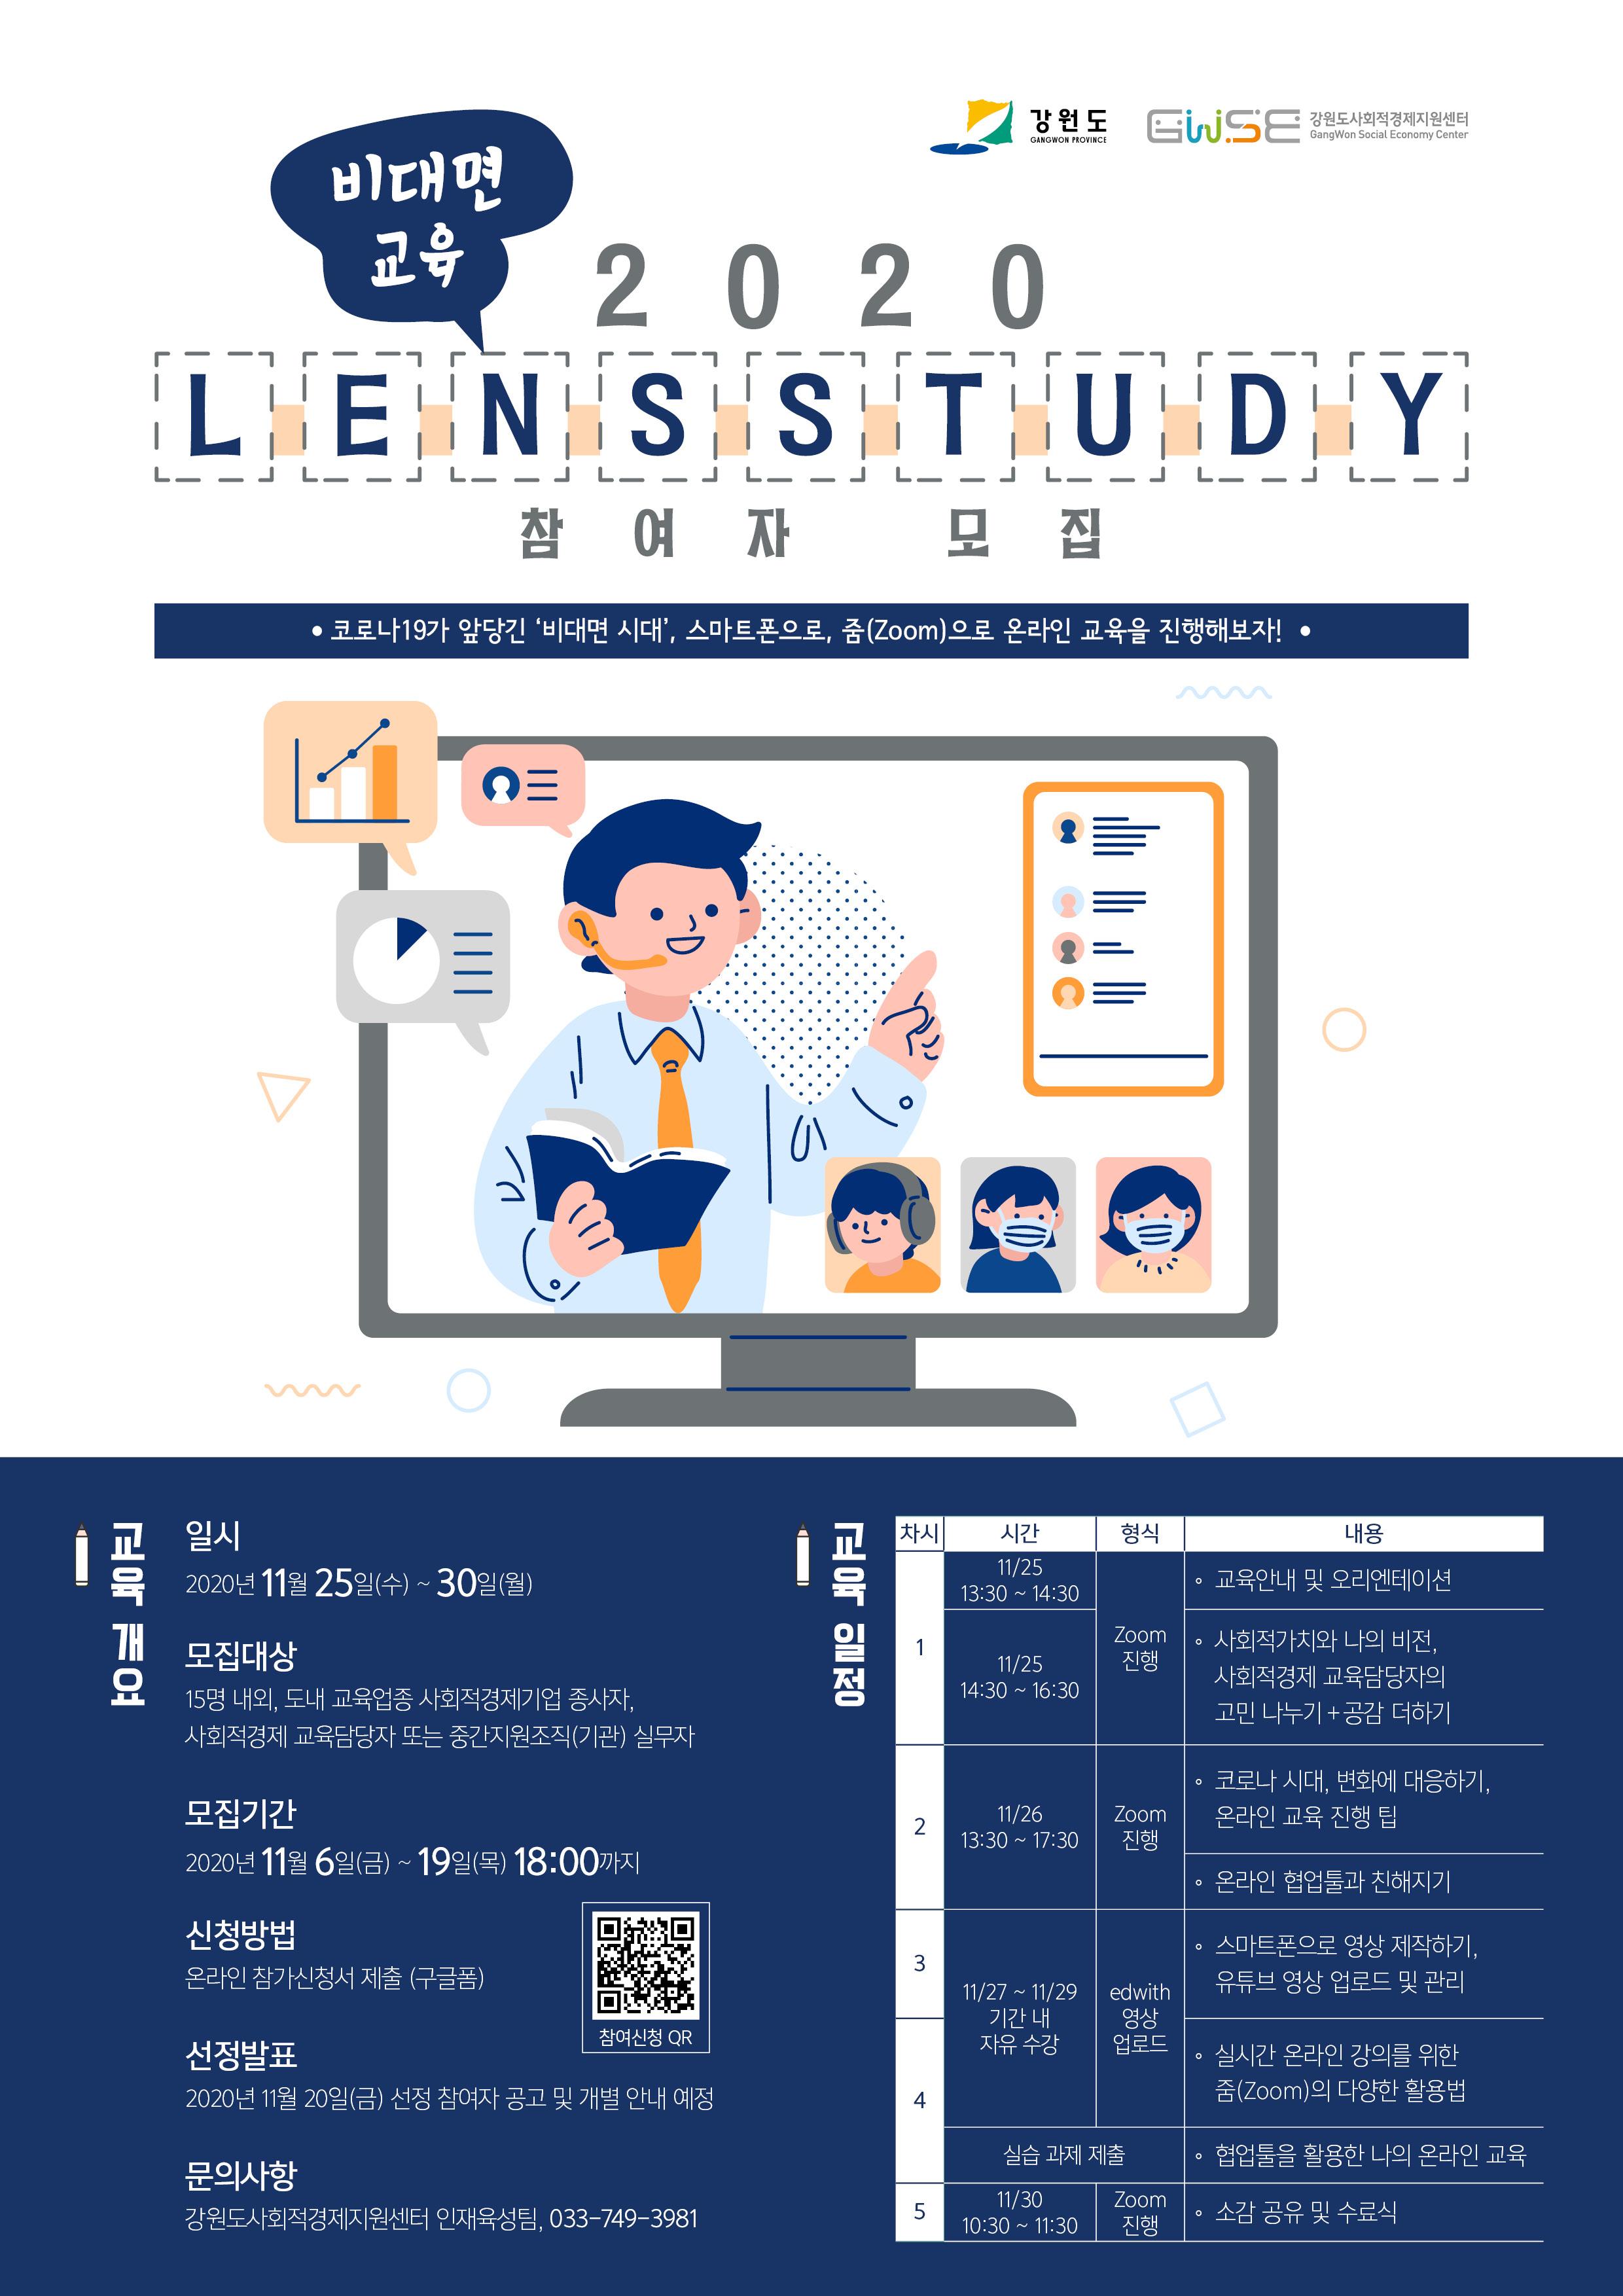 [안내] 강원도사회적경제지원센터 | 2020 LENS(Learning Education N Social economy) Study